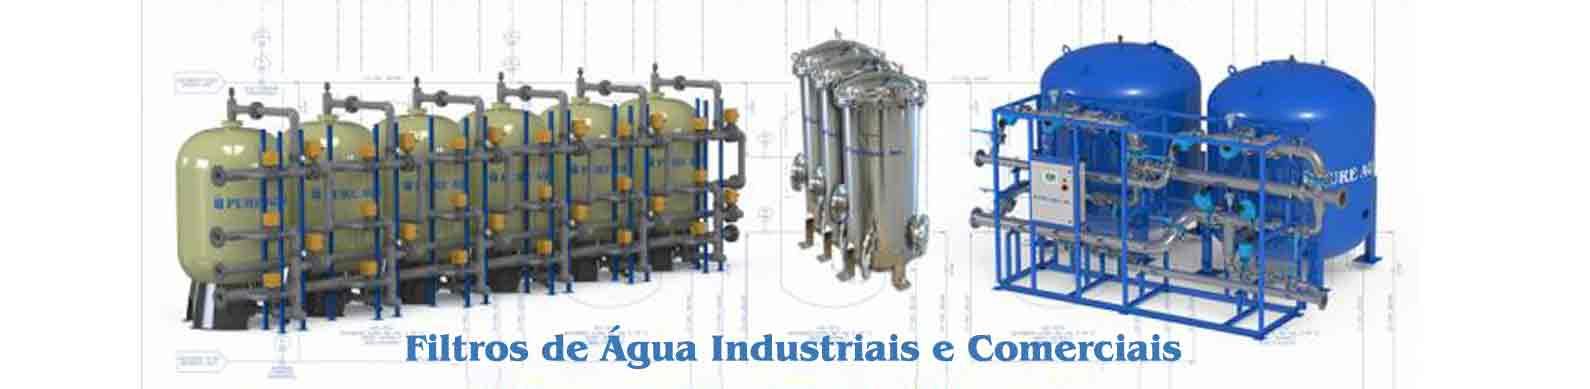 filtros-de-agua-industriais-e-comerciais.jpg